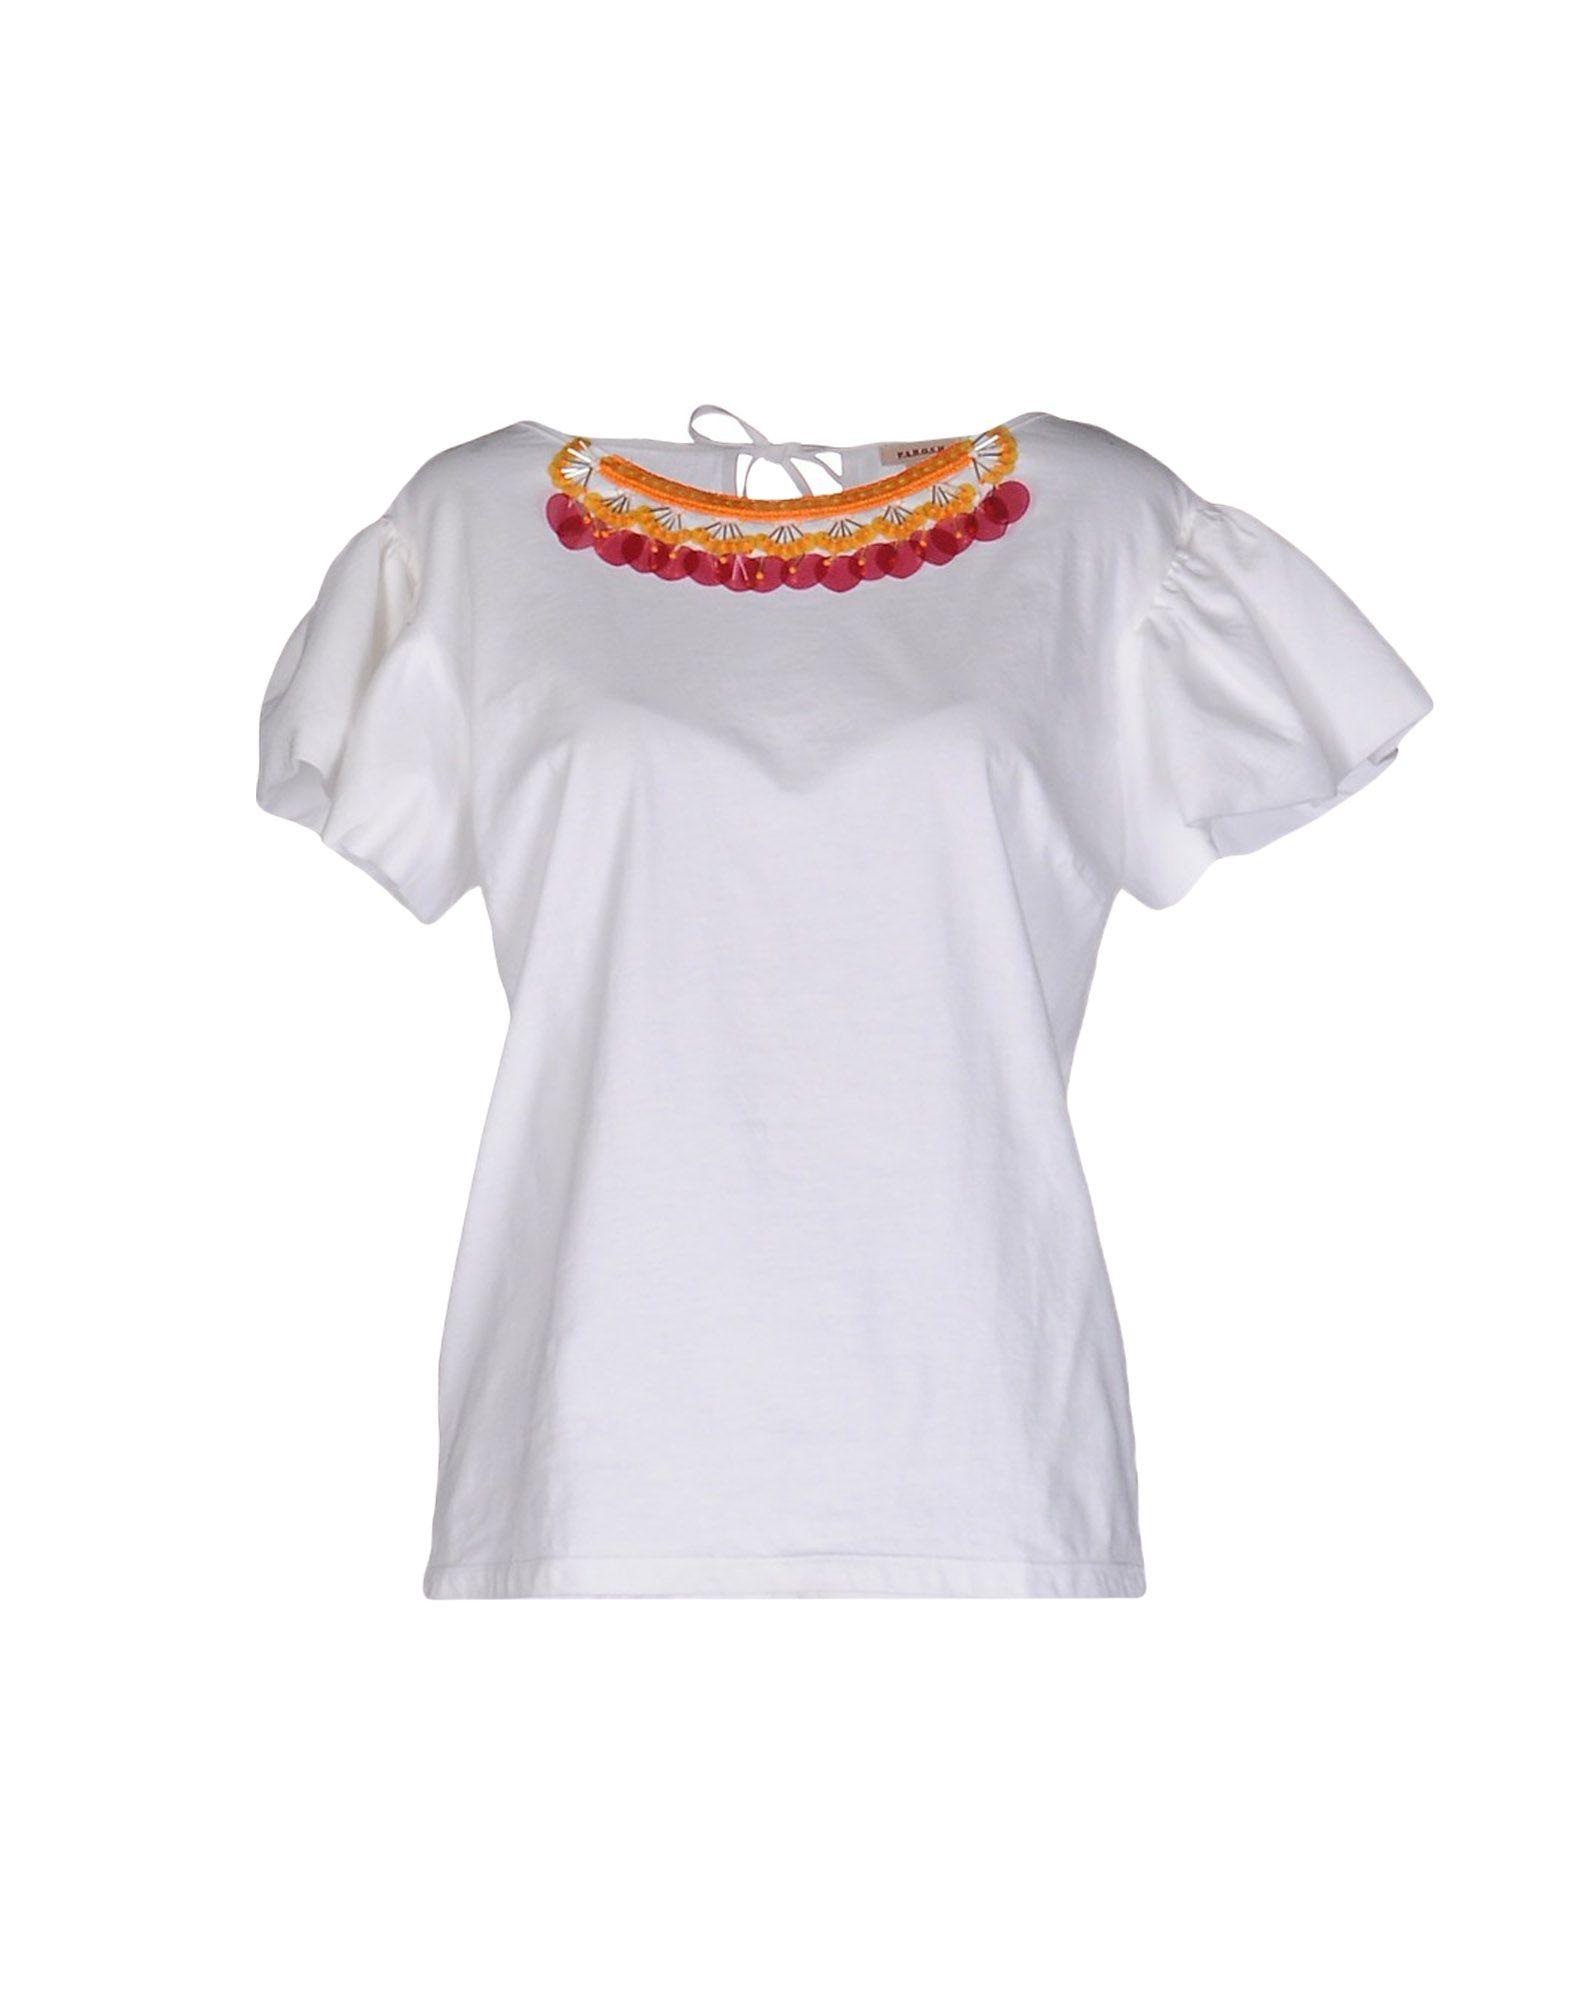 《期間限定セール開催中!》P.A.R.O.S.H. レディース T シャツ ホワイト M コットン 100%